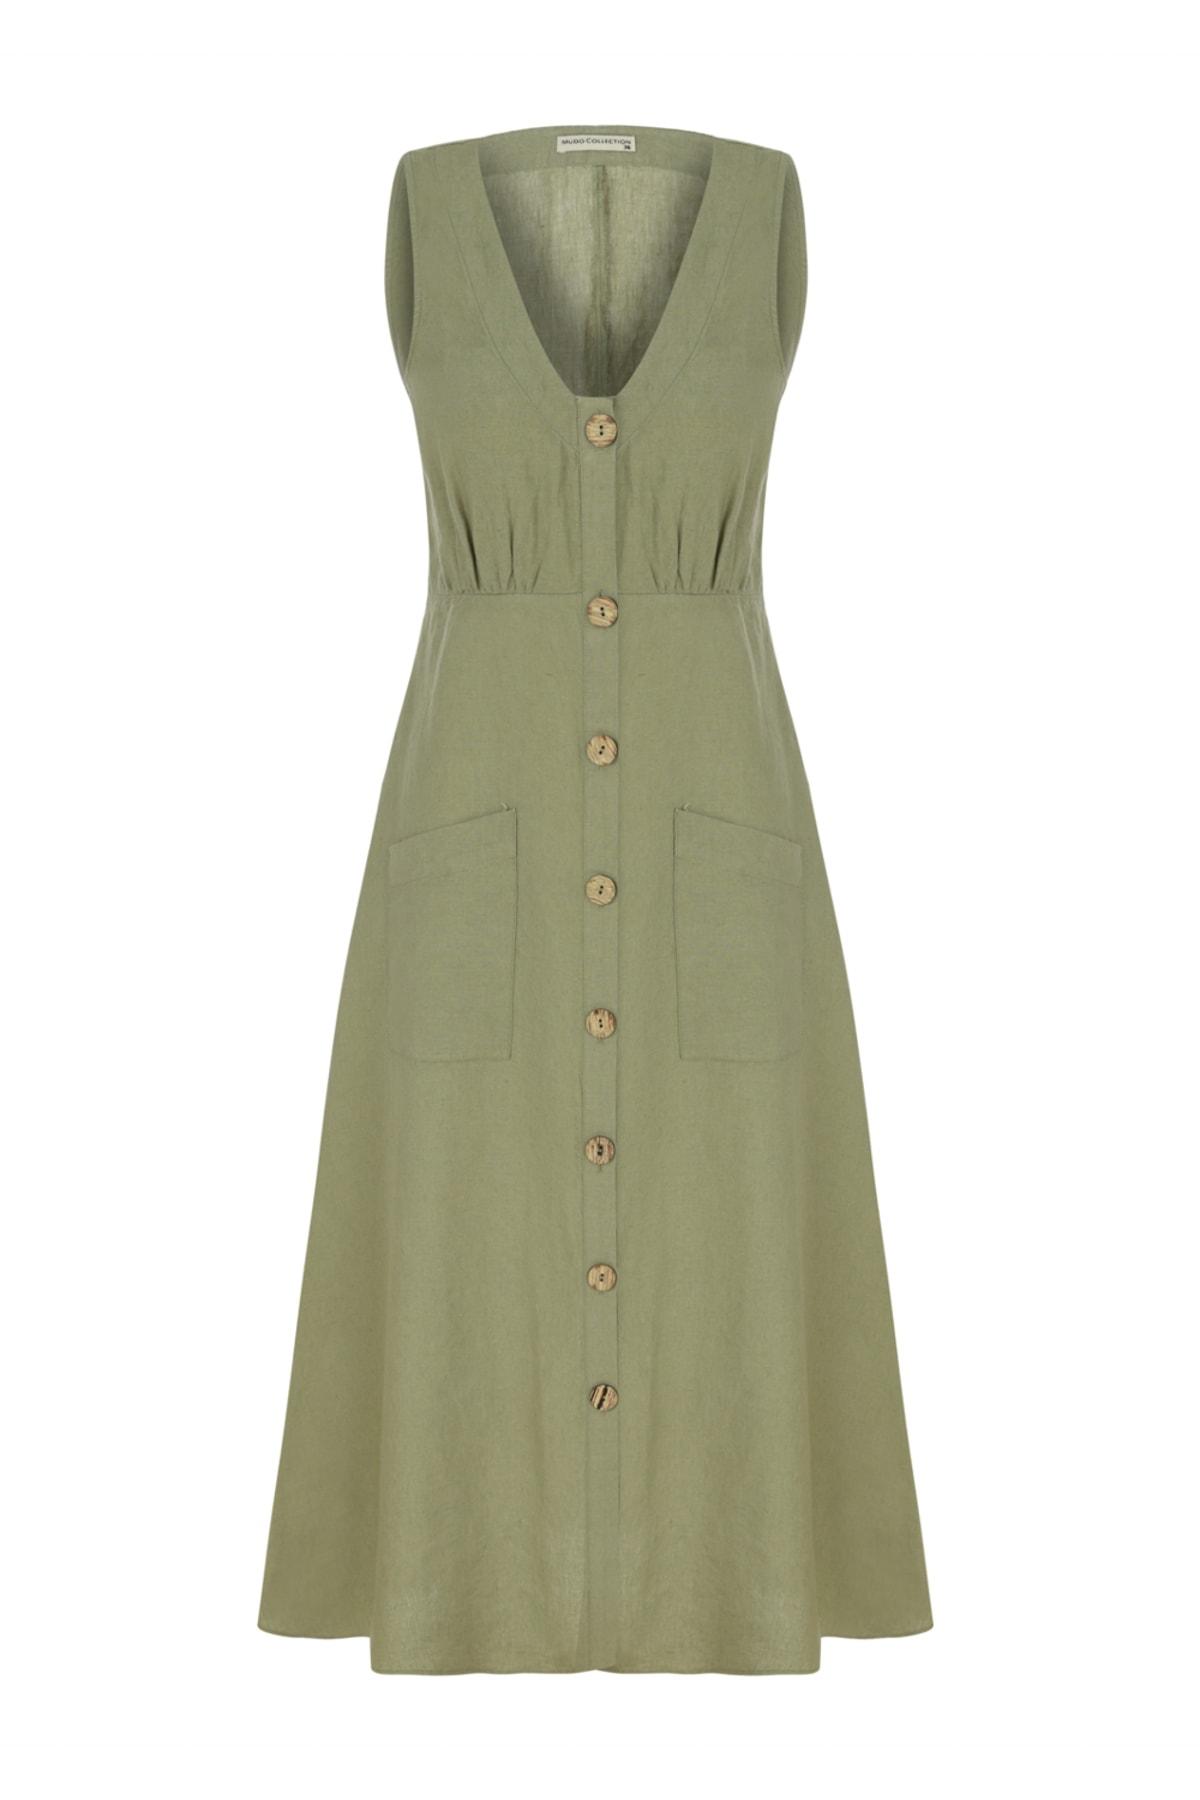 Kadın Siyah Düğmeli Midi Keten Elbise 1216973